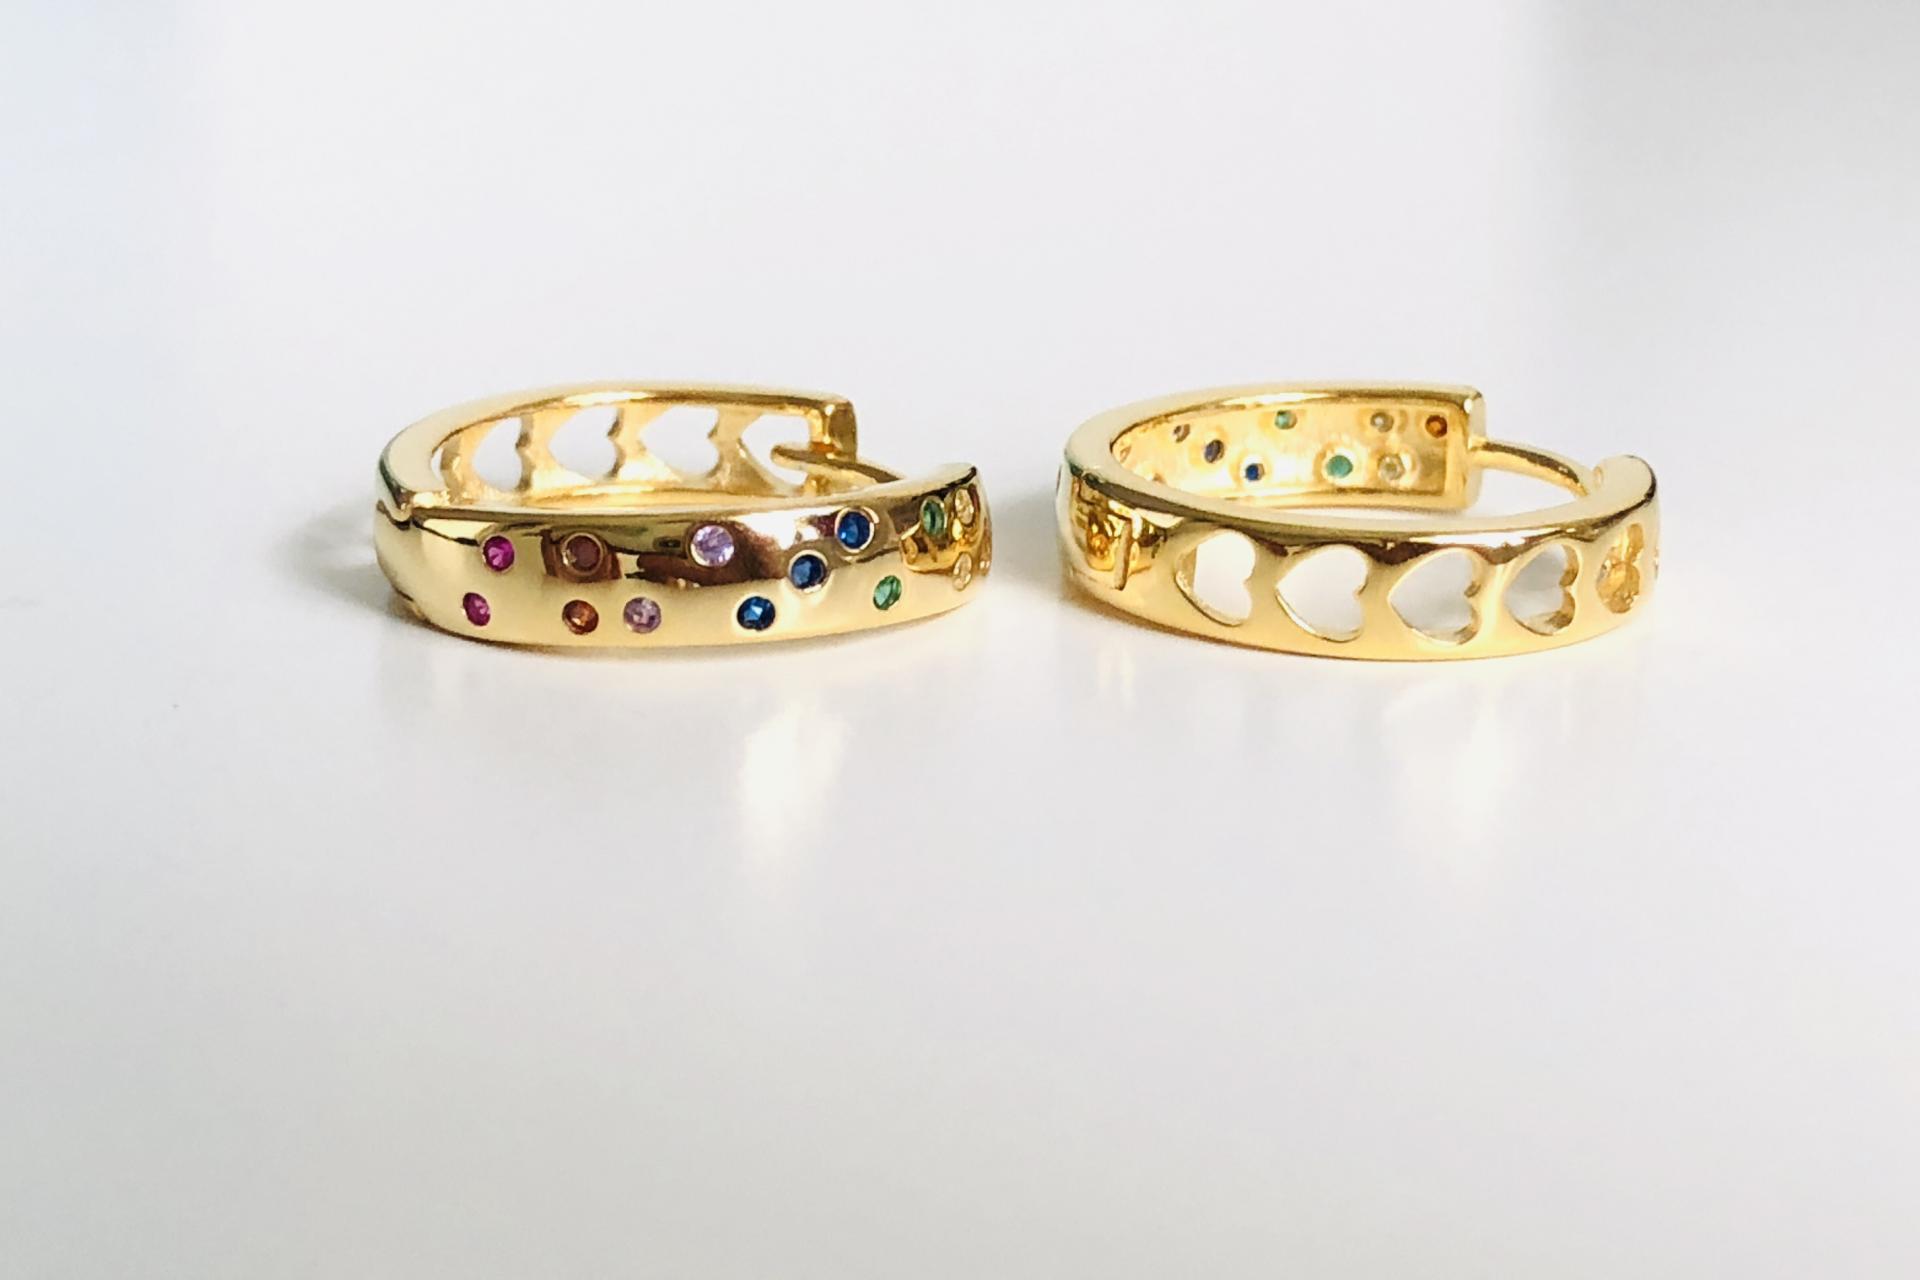 Aros de plata y baño de oro con circonitas de colores y corazones calados